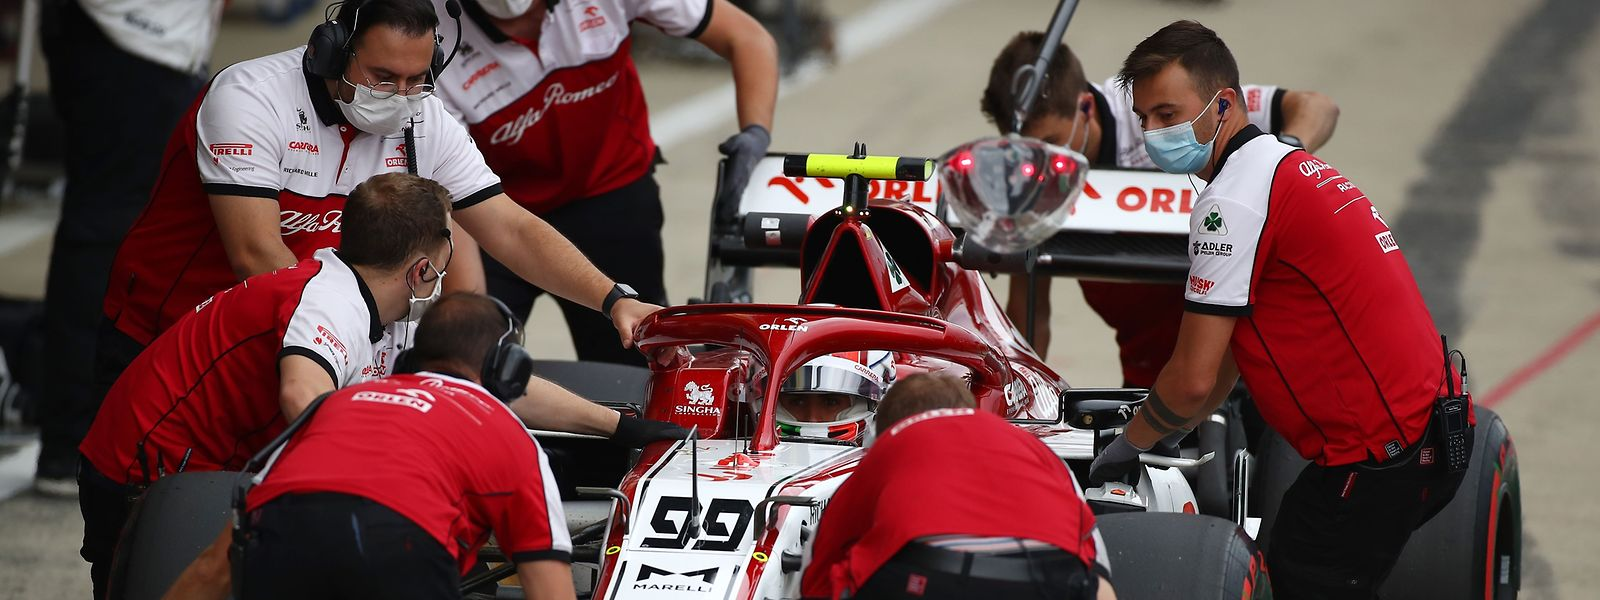 Antonio Giovinazzis Alfa Romeo wird von der Crew in Empfang genommen.